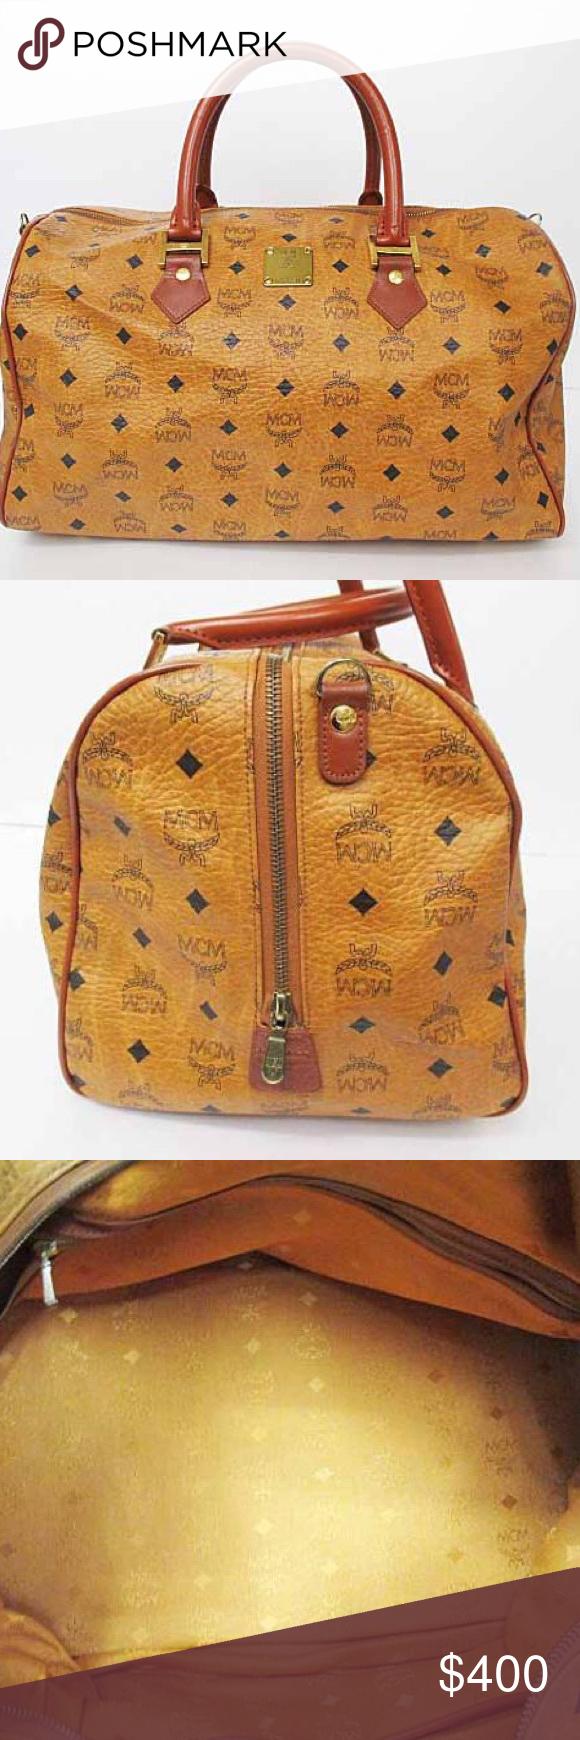 239c6306e68b Authentic MCM 35 Speedy Boston Handbag 100% Authentic Vintage MCM Cognac 30  Boston bag same size as a Louis Vuitton 35 speedy condition 9 of 10  excellent ...